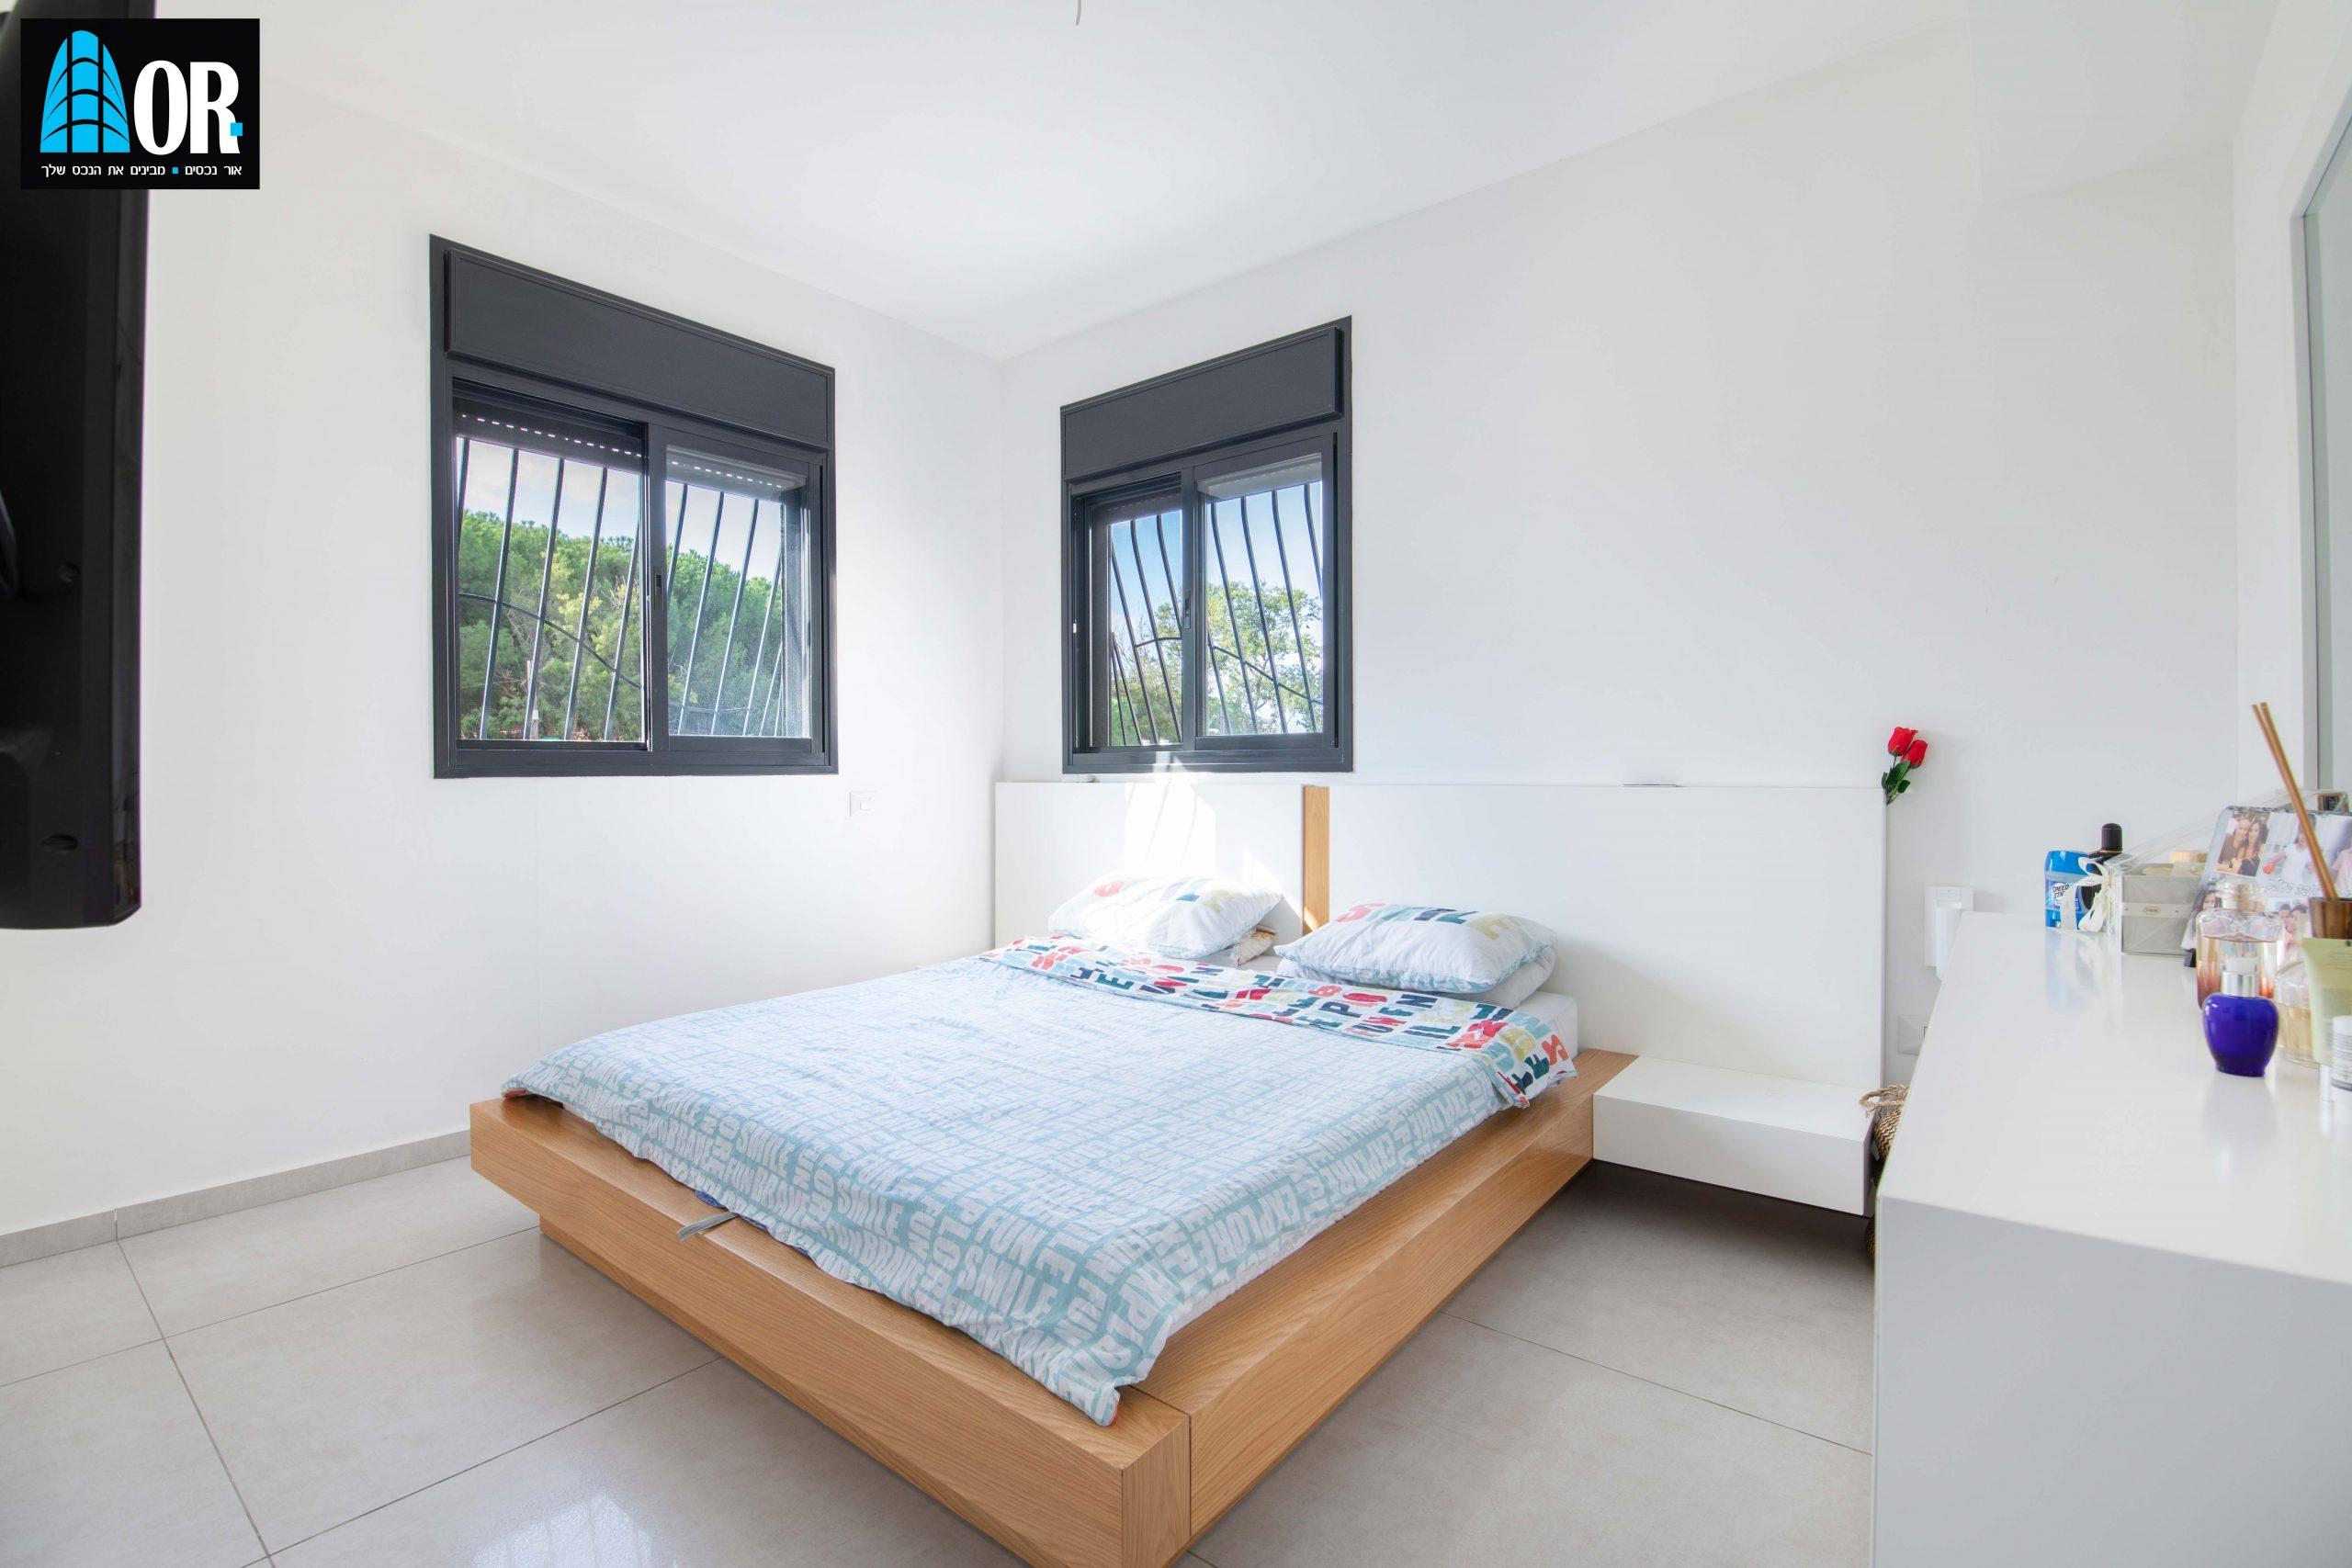 חדר הורים דירה 4 חדרים שכונה צמרות